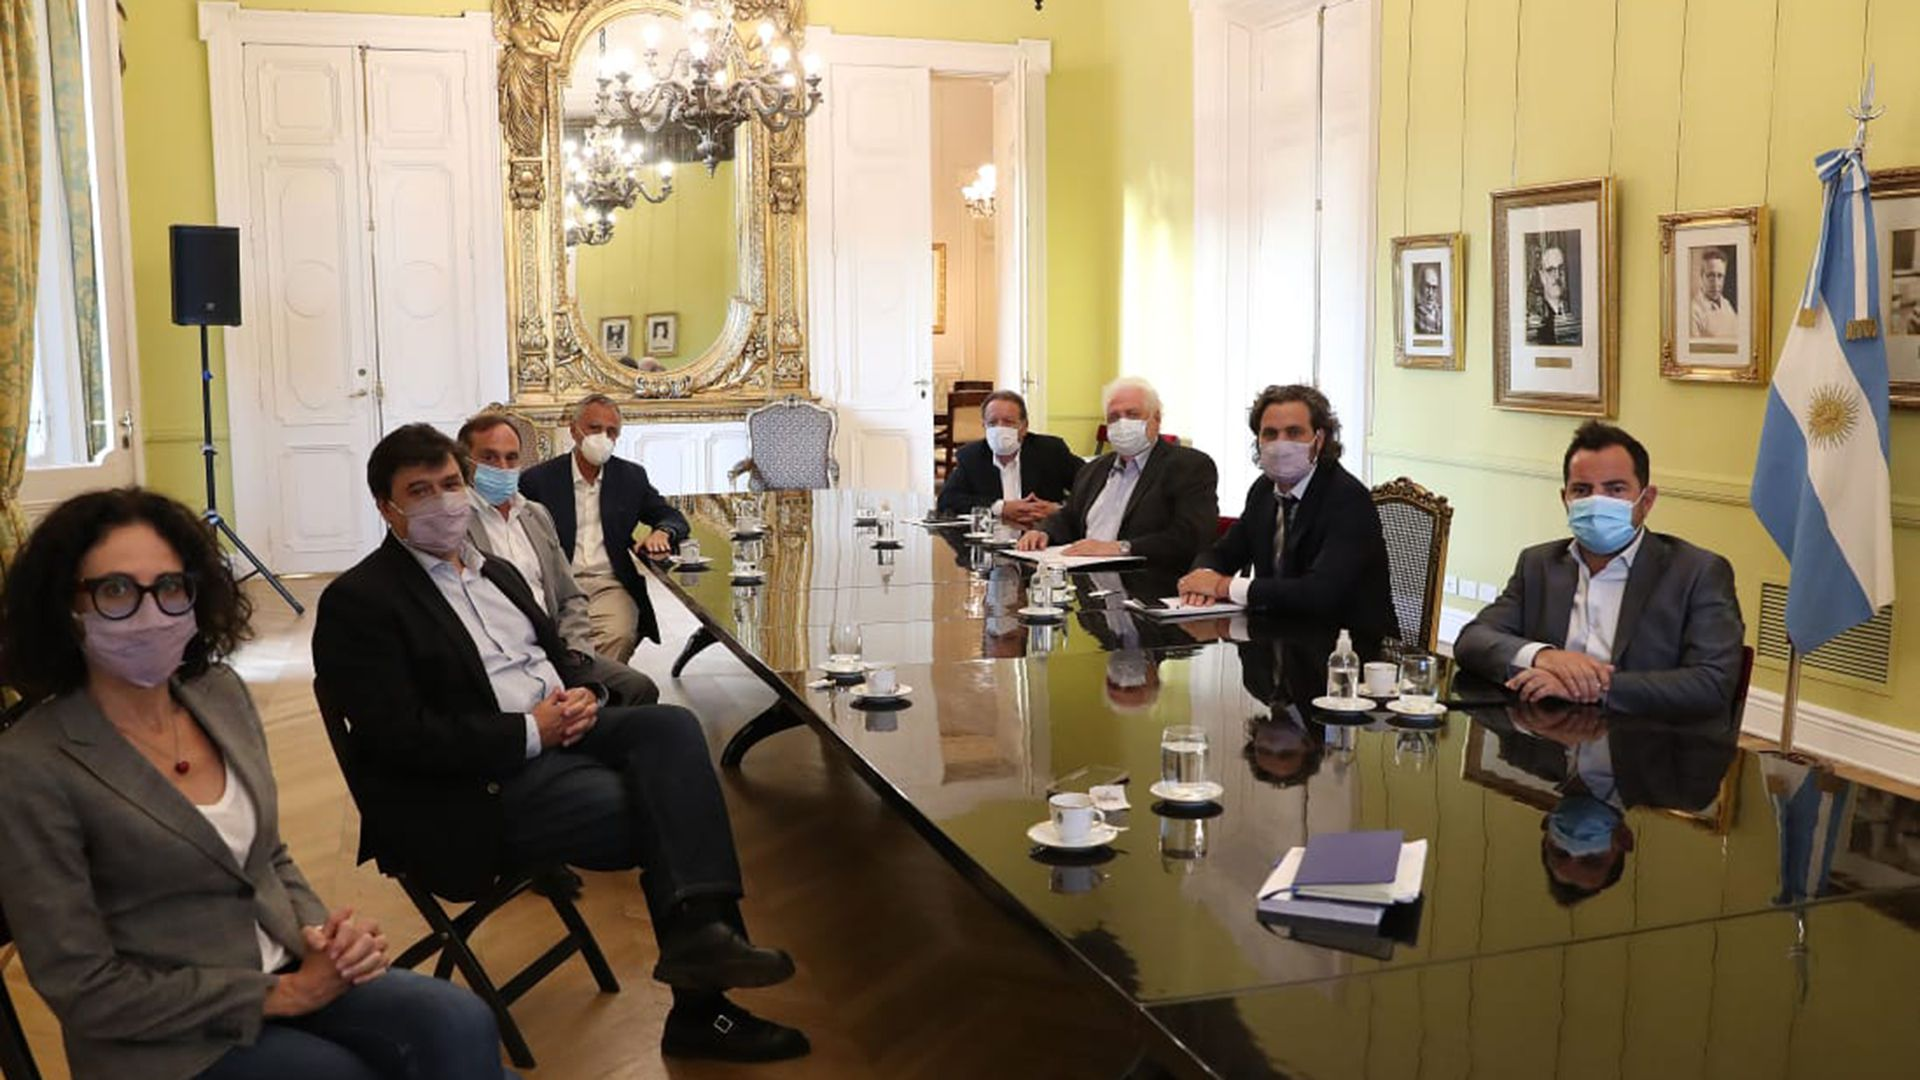 El jefe de Gabinete, Santiago Cafiero, recibió a los representantes de la Federación Argentina de Prestadores de Salud (FAPS)